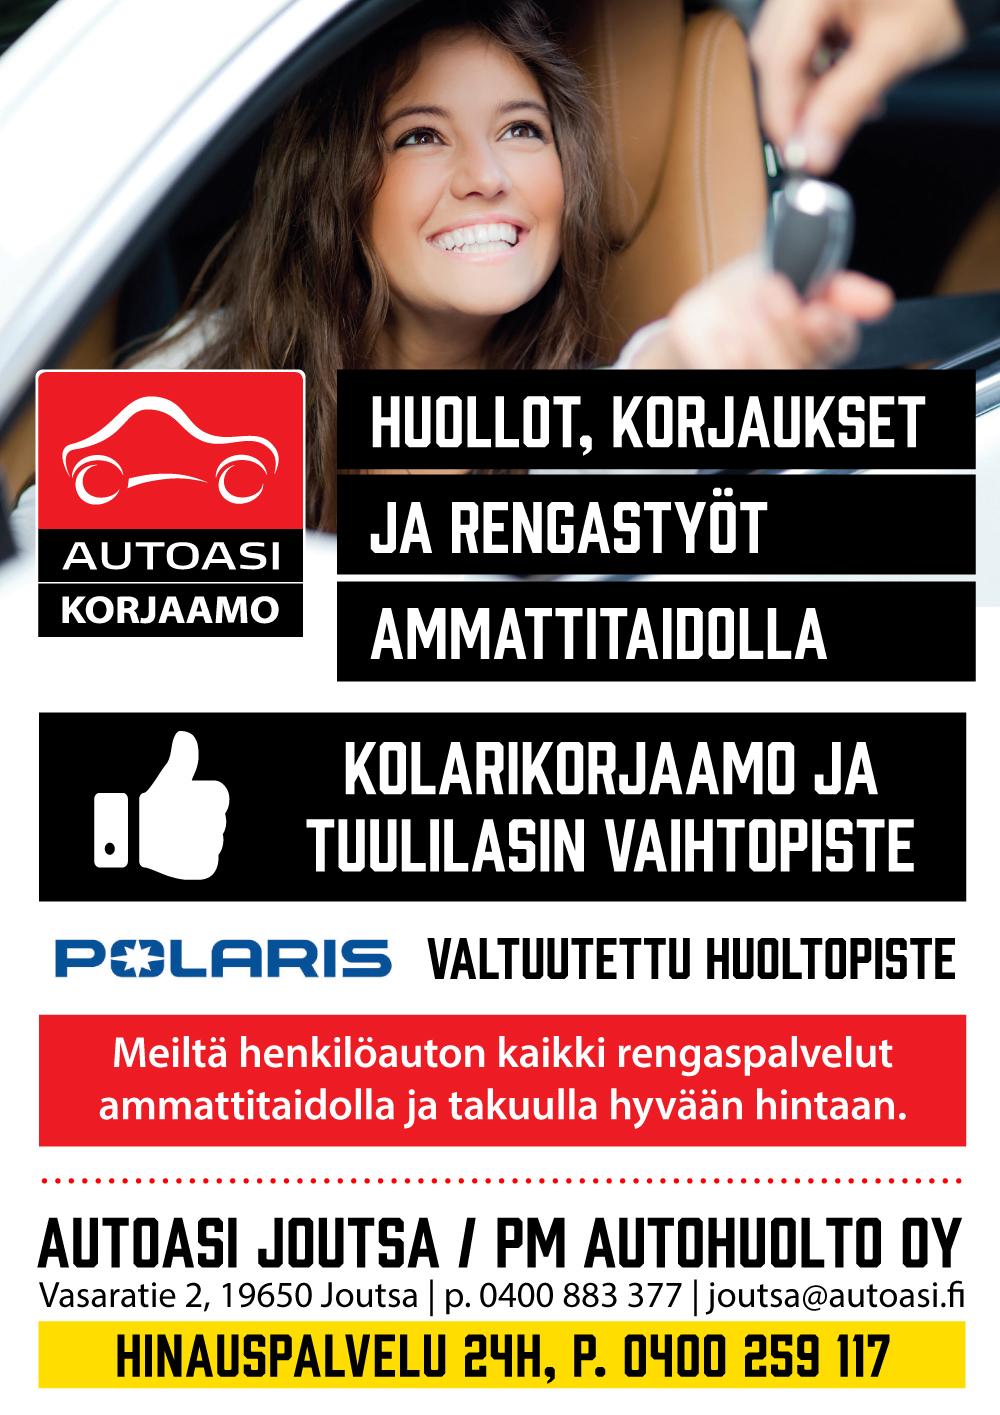 Autoasi Joutsa